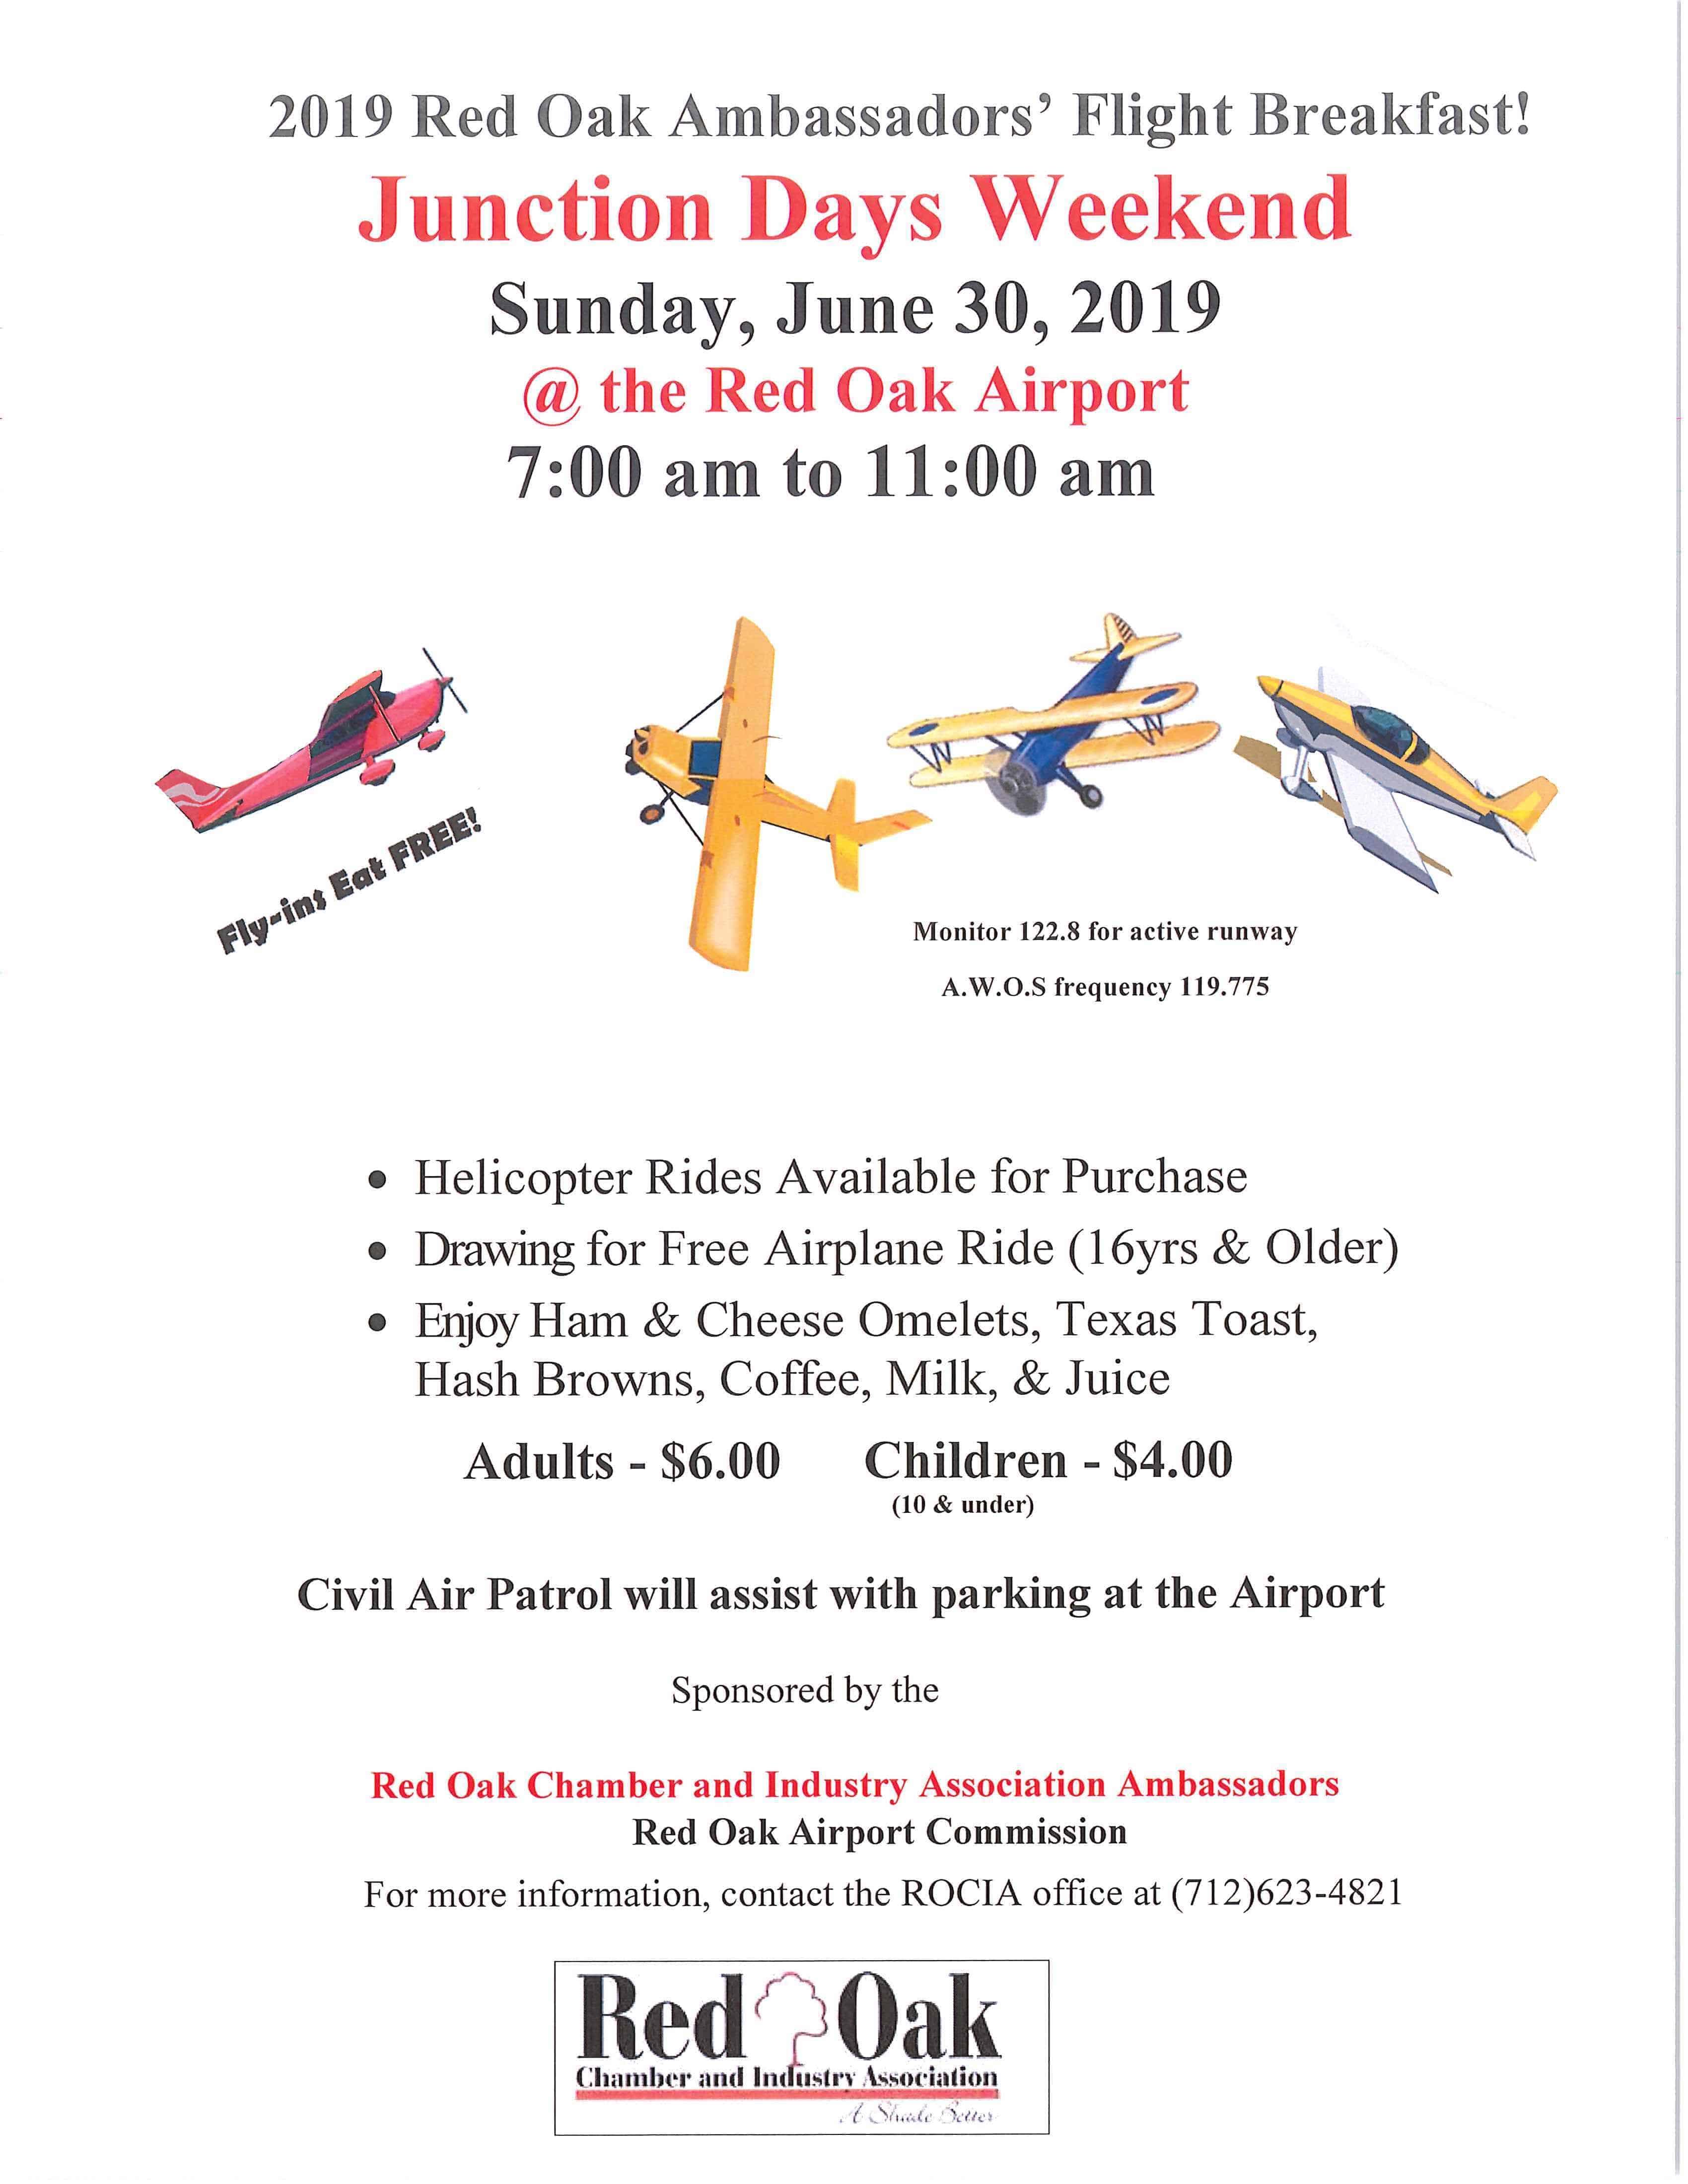 2019 Red Oak Ambassadors Flight Breakfast Red Oak